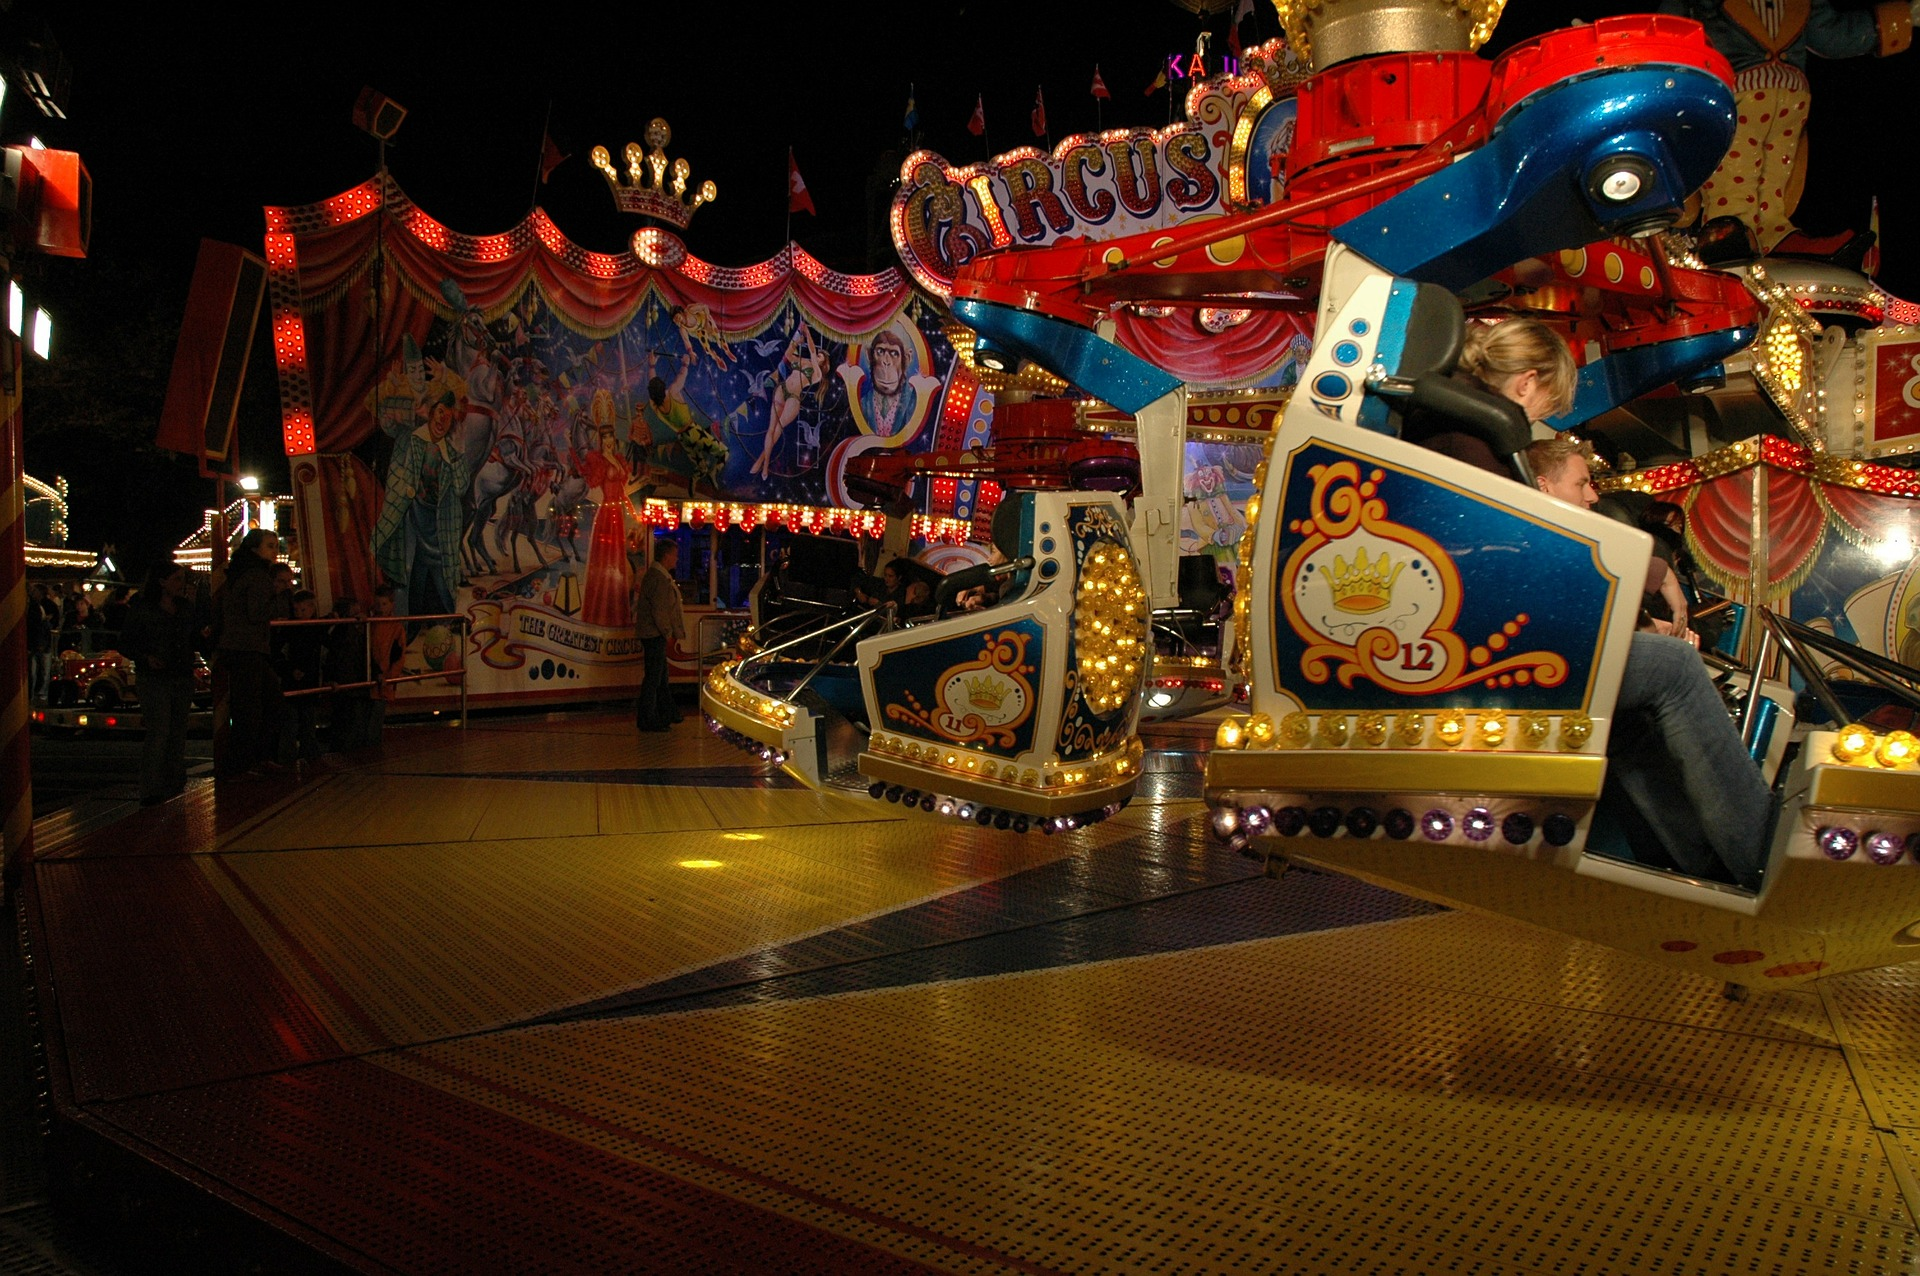 Ingresso gratuito per bambini e disabili al Luna Park di Forte dei Marmi